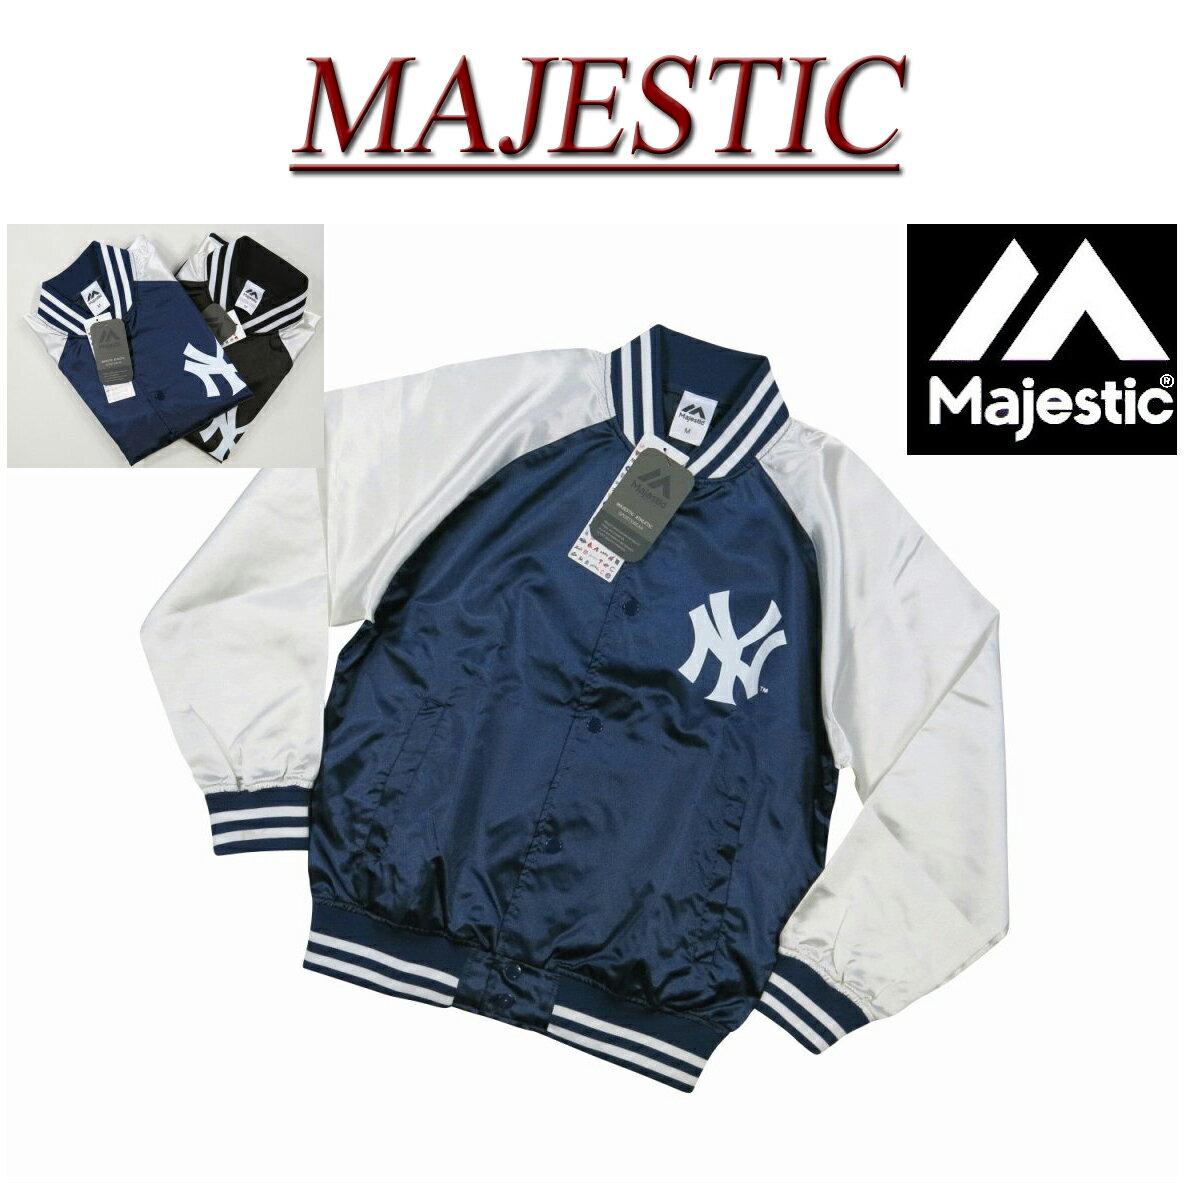 【2色4サイズ】 ja271 新品 MAJESTIC ニューヨーク ヤンキース ライト ナイロンサテン スタジャン MM23-NYK-0087 メンズ マジェスティック New York Yankees MLB OFFICIAL WEAR NY ナイロンジャケット スタジアムジャケット